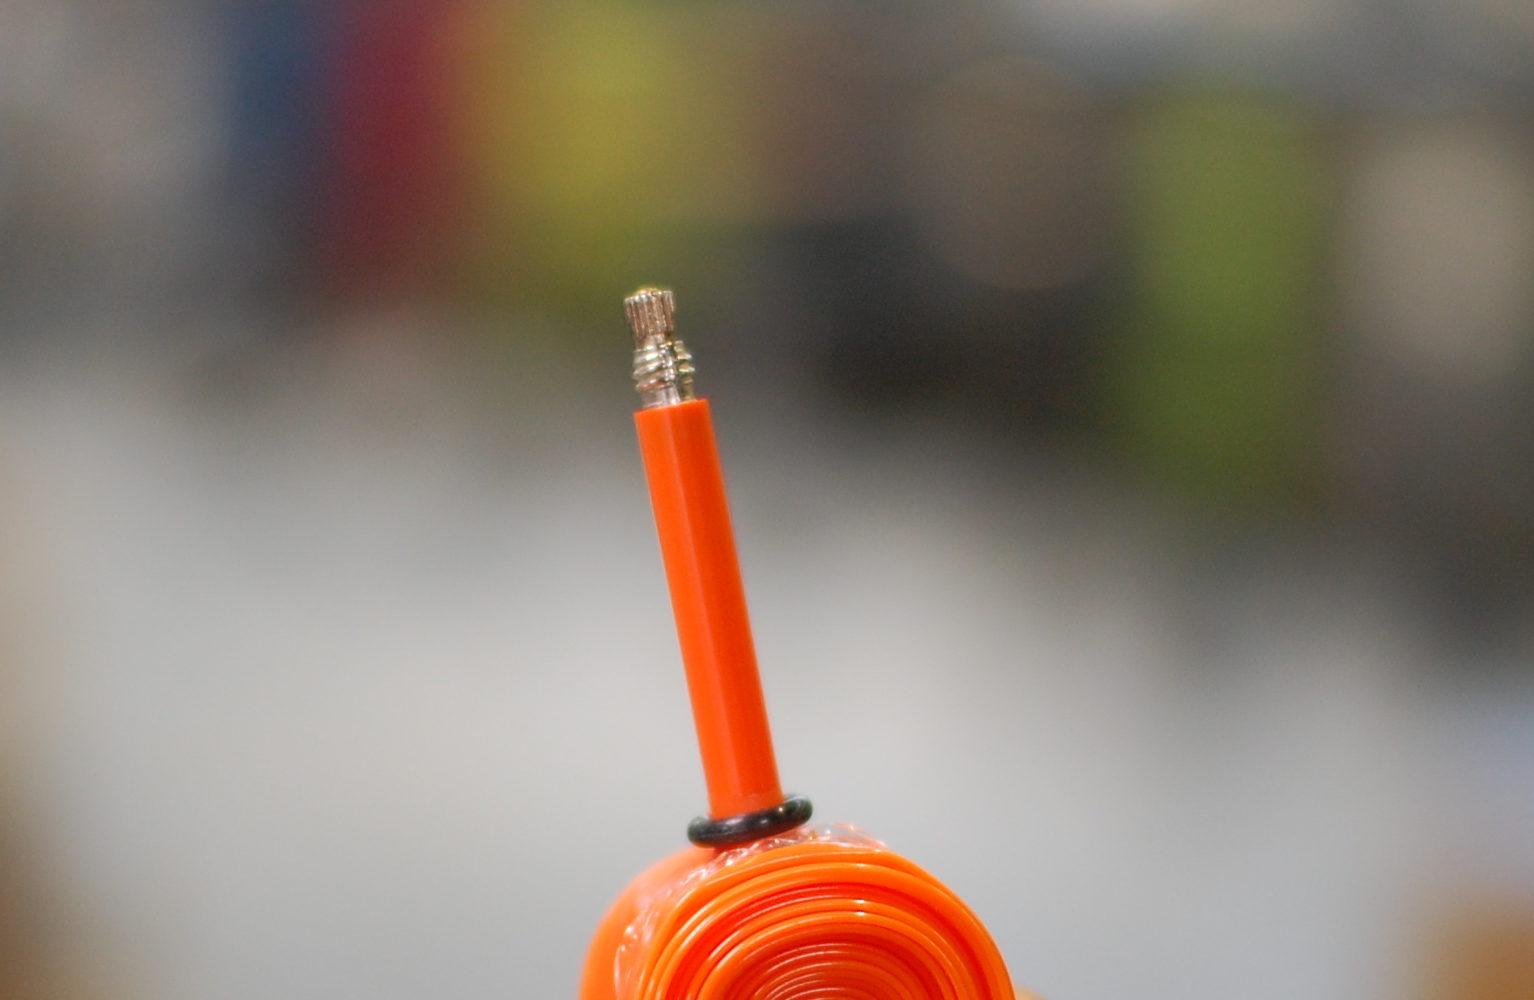 価格は通常のチューブの5倍!しかし重量は通常のチューブの5分の1と驚きの軽さ!tubolito(チューボリート)超軽量チューブ入荷!